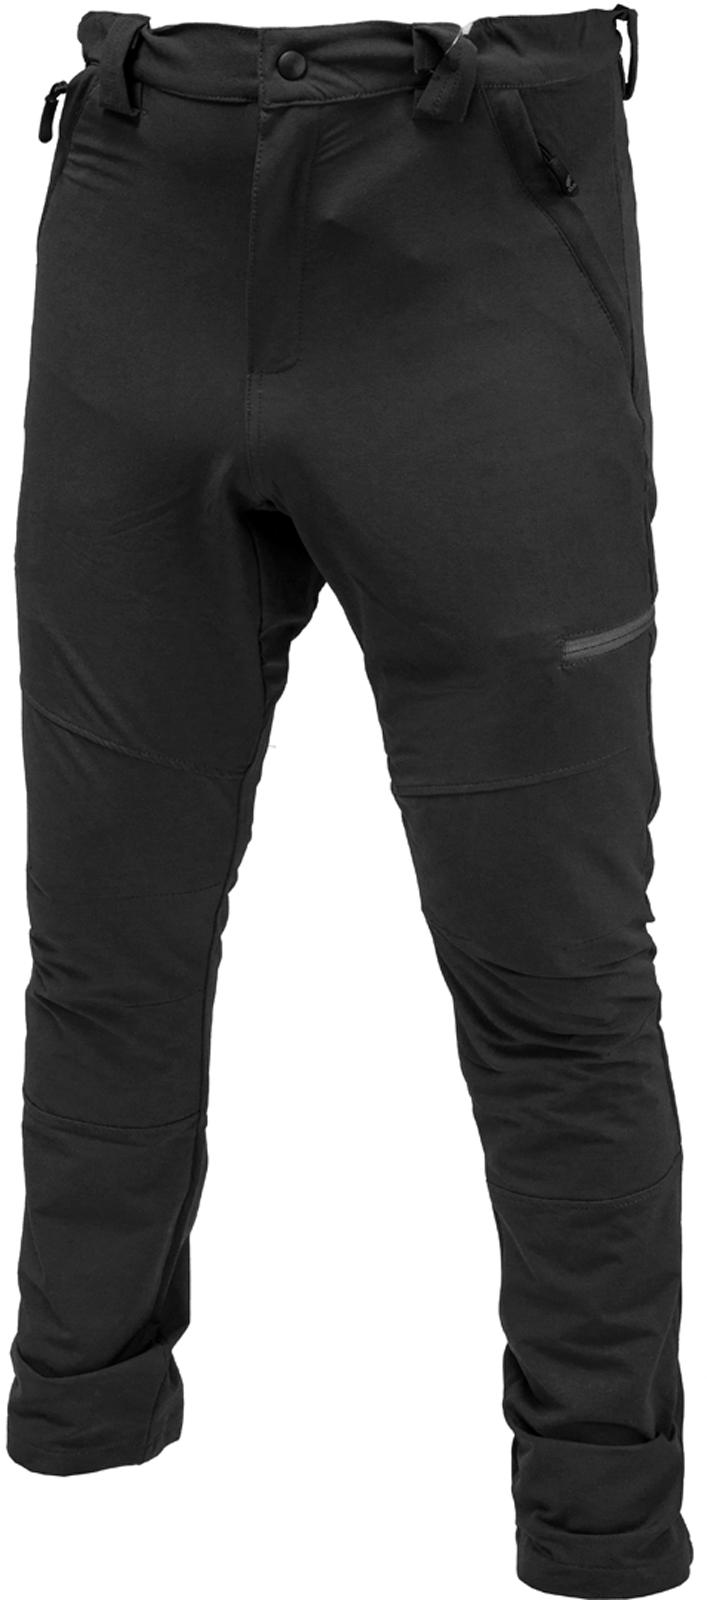 Pantalone extreme d5 strech nero equipaggiamento - Diva pants recensioni ...